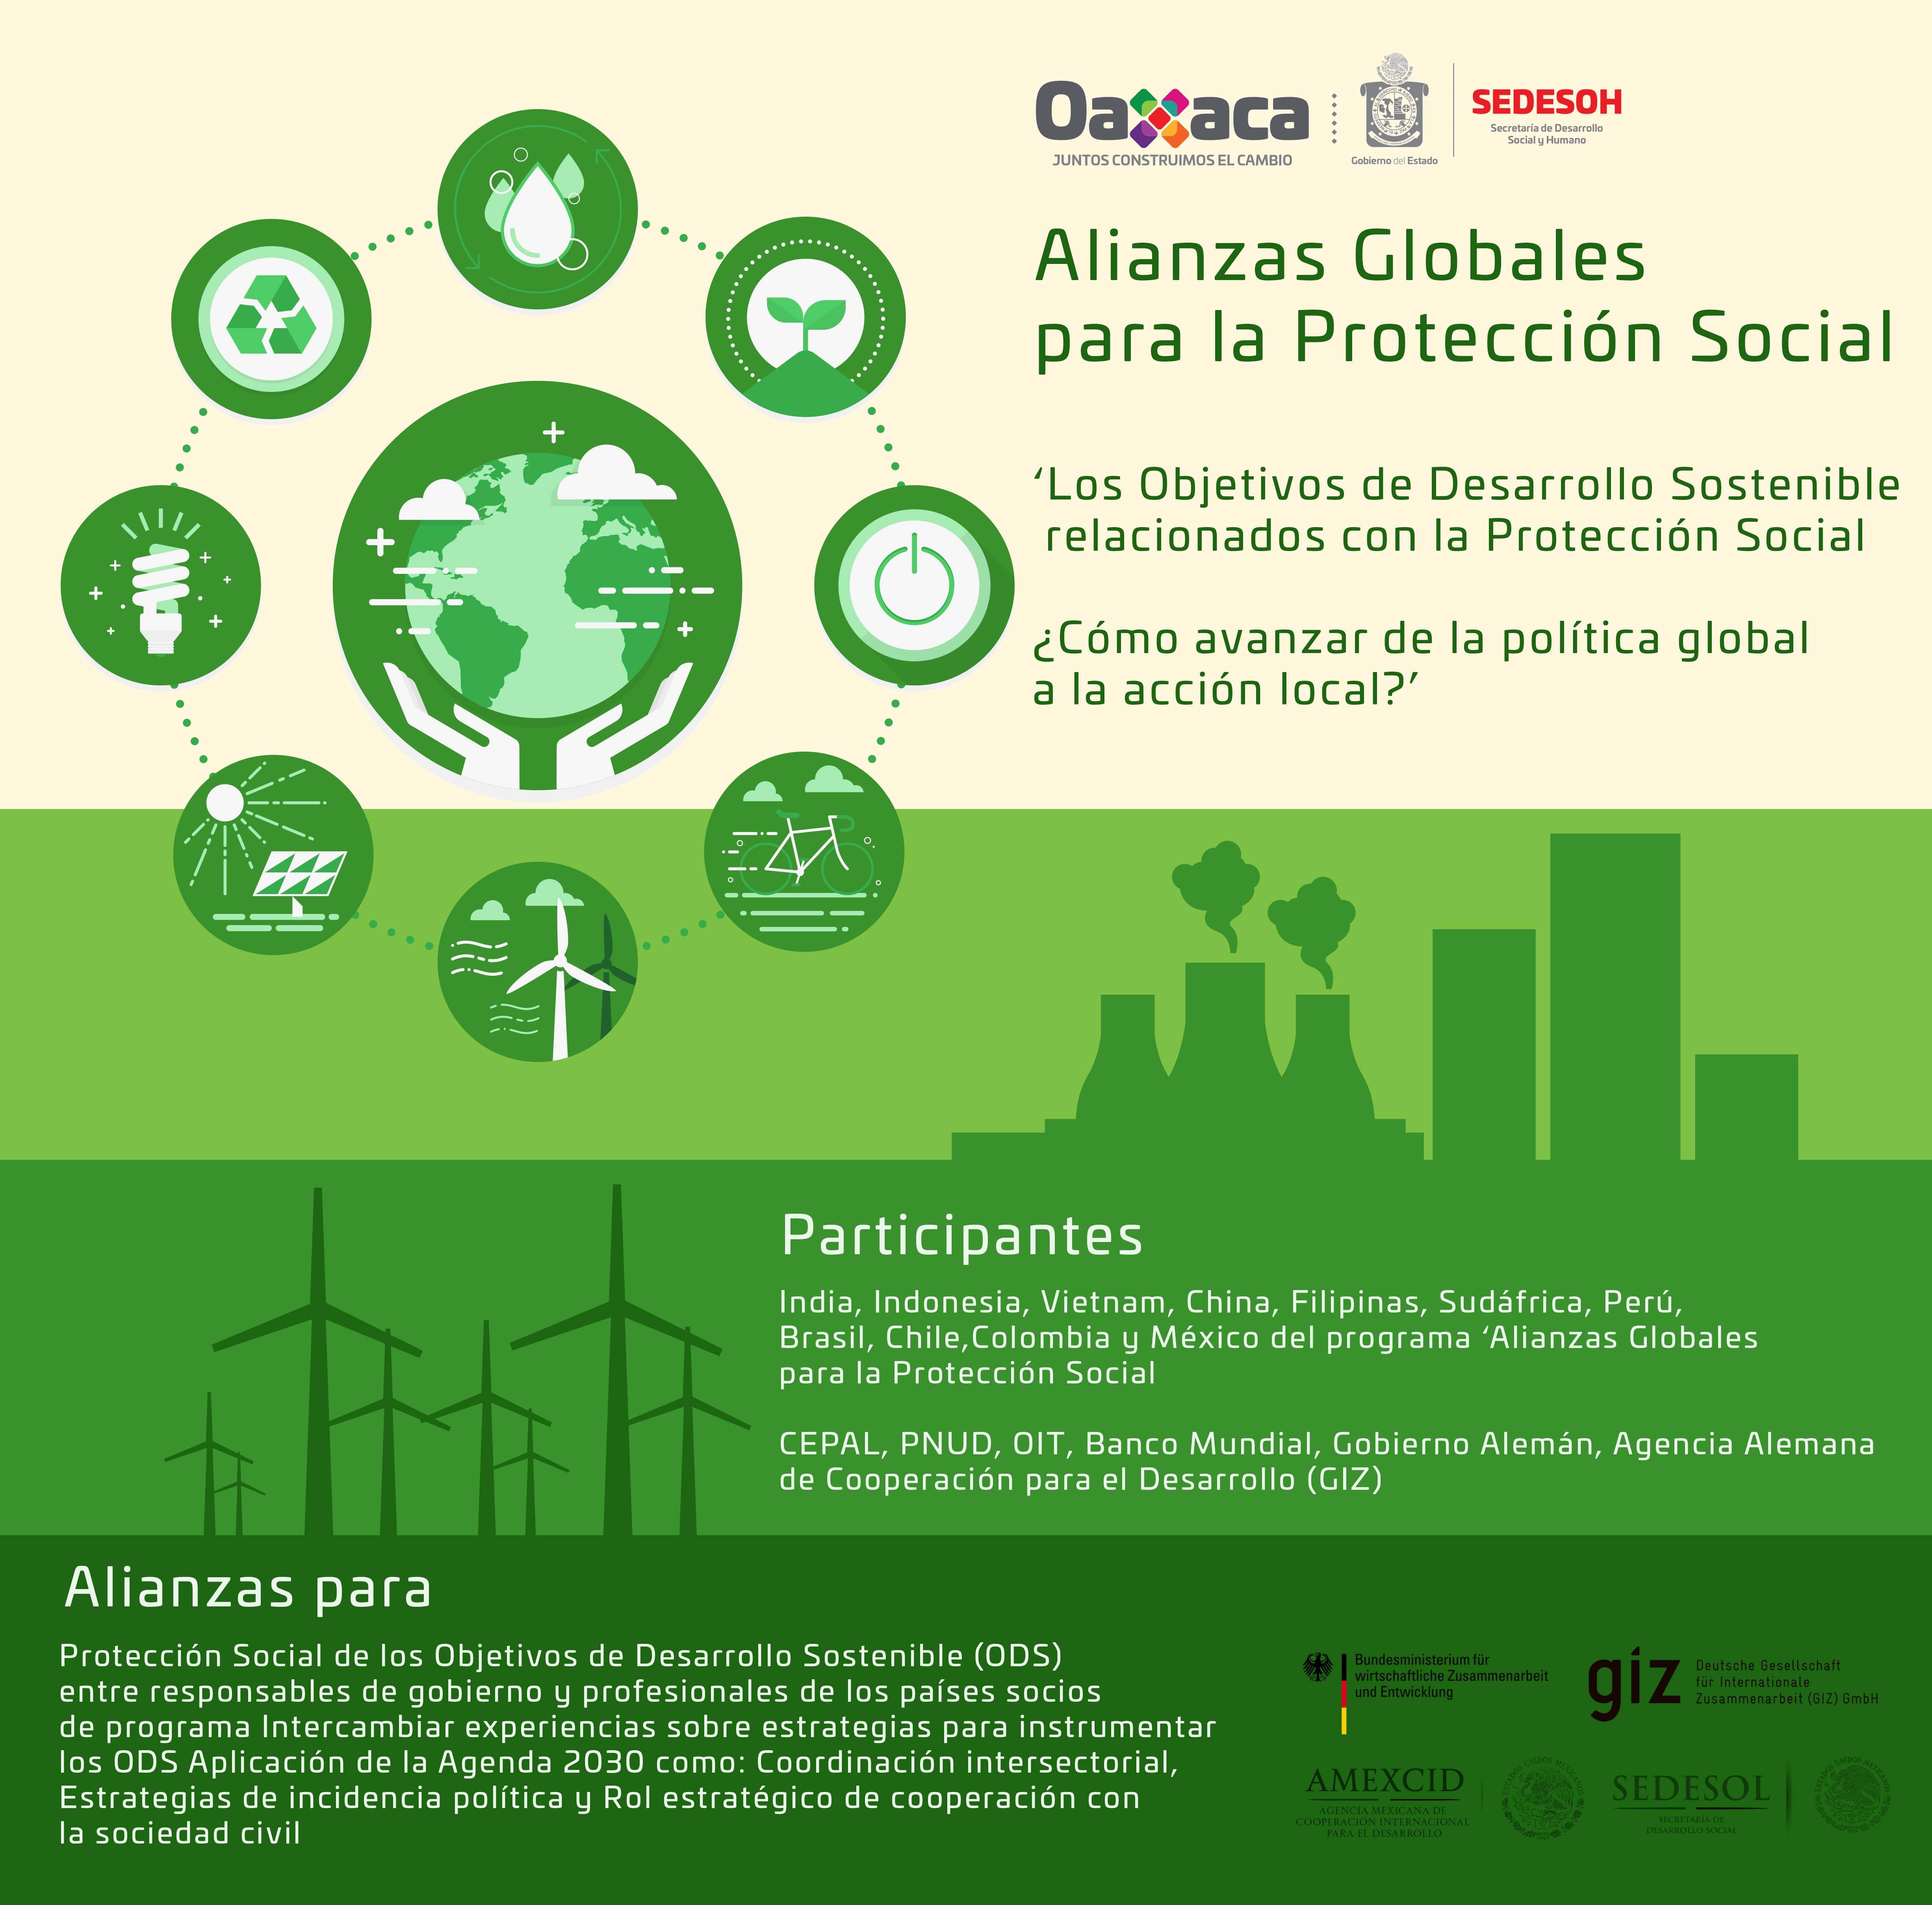 Alianzas globales para la protección social